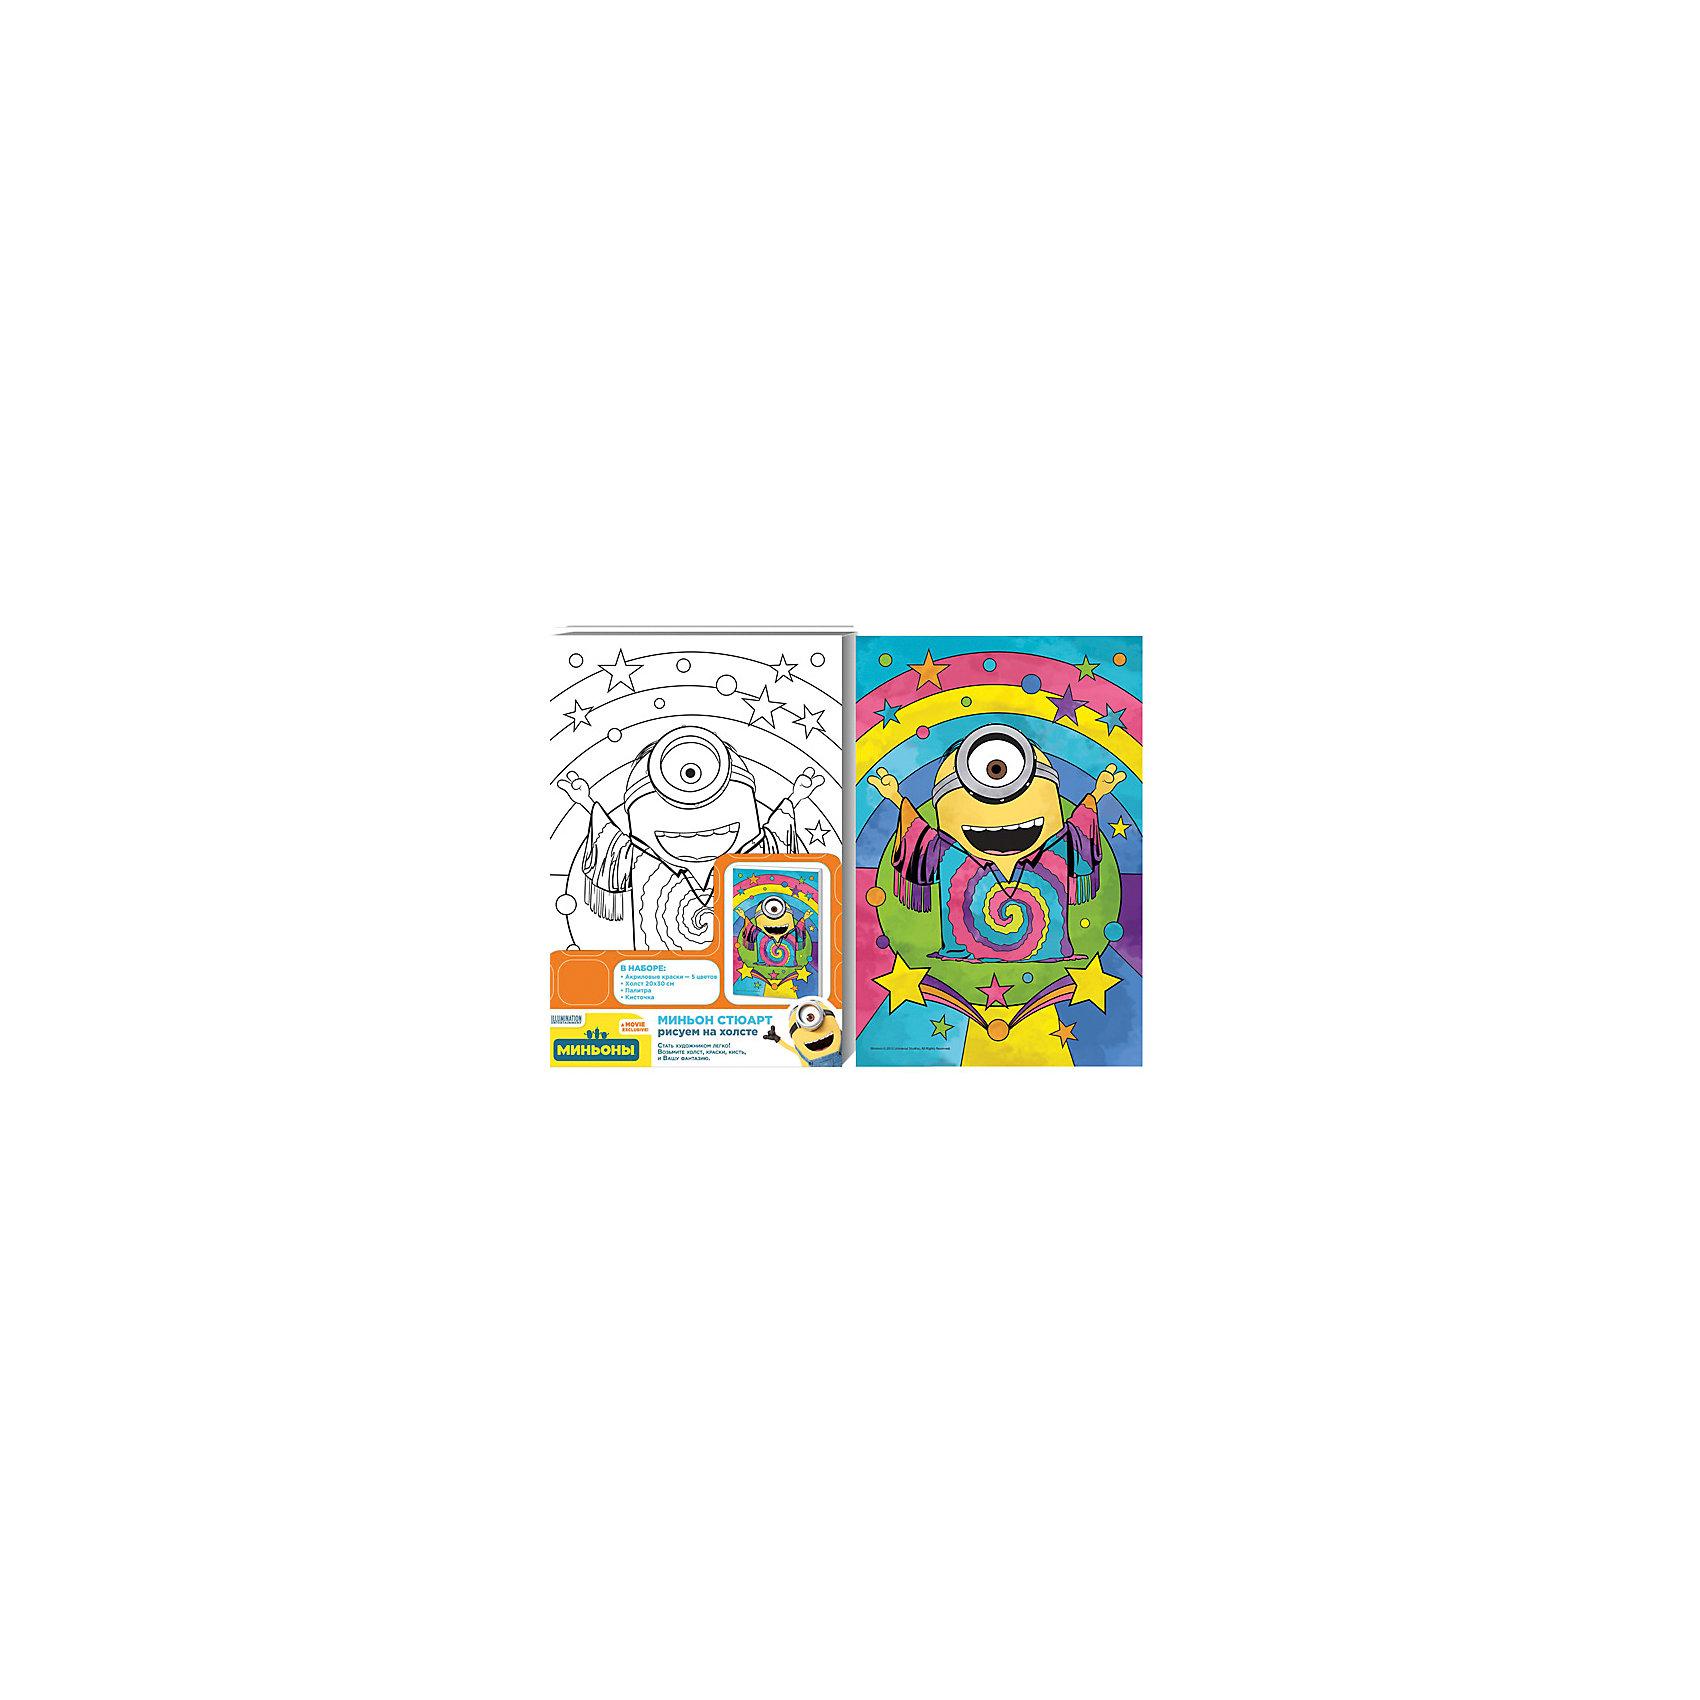 Роспись по холсту Миньон Стюарт 20*30 смВаш ребенок любит рисовать? Предложите ему создать на холсте потрясающую картину «Миньон Стюарт». В наборе уже есть все необходимое. Для удобства выдавите краску из тюбиков на палитру, при желании смешайте цвета, получив новые оттенки, или разбавьте краски водой для придания им прозрачности. Если ошиблись, то просто закрасьте фрагмент новым цветом поверх подсохшей краски. Акриловые краски легко ложатся на холст, быстро сохнут, хорошо растворяются в воде, после высыхания становятся водонепроницаемыми. У юного художника получится яркая картина с изображением миньона, которую можно поставить на видное место. А во время увлекательной работы с холстом у ребенка развивается мелкая моторика, художественный вкус, воображение, умение рисовать и сочетать цвета.&#13;<br><br>Дополнительная информация:<br><br>В наборе: плотный отбеленный загрунтованный холст с контурным рисунком, натянутый на деревянную рамку (20х30 см); 5 ярких цветов акриловых красок в металлических тубах; палитра; кисточка. <br><br>Роспись по холсту Миньон Стюарт 20*30 см можно купить в нашем магазине.<br><br>Ширина мм: 200<br>Глубина мм: 300<br>Высота мм: 15<br>Вес г: 245<br>Возраст от месяцев: 36<br>Возраст до месяцев: 108<br>Пол: Унисекс<br>Возраст: Детский<br>SKU: 4602328